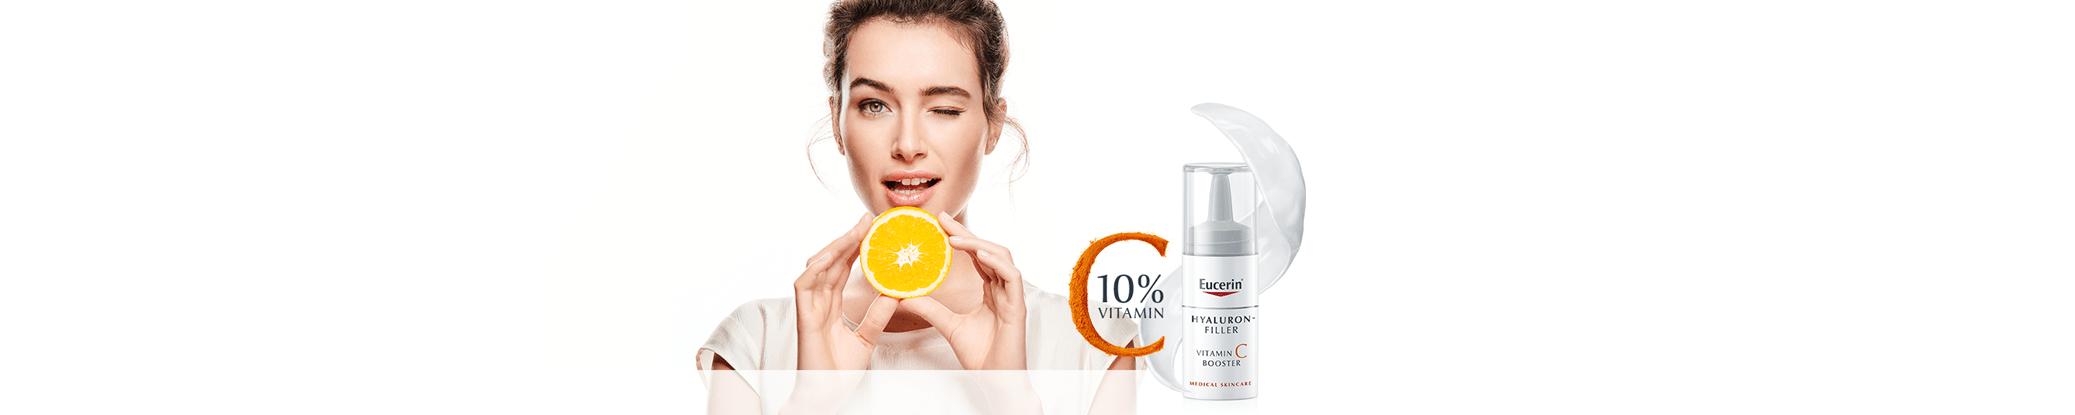 Eucerin Vitamin C Booster